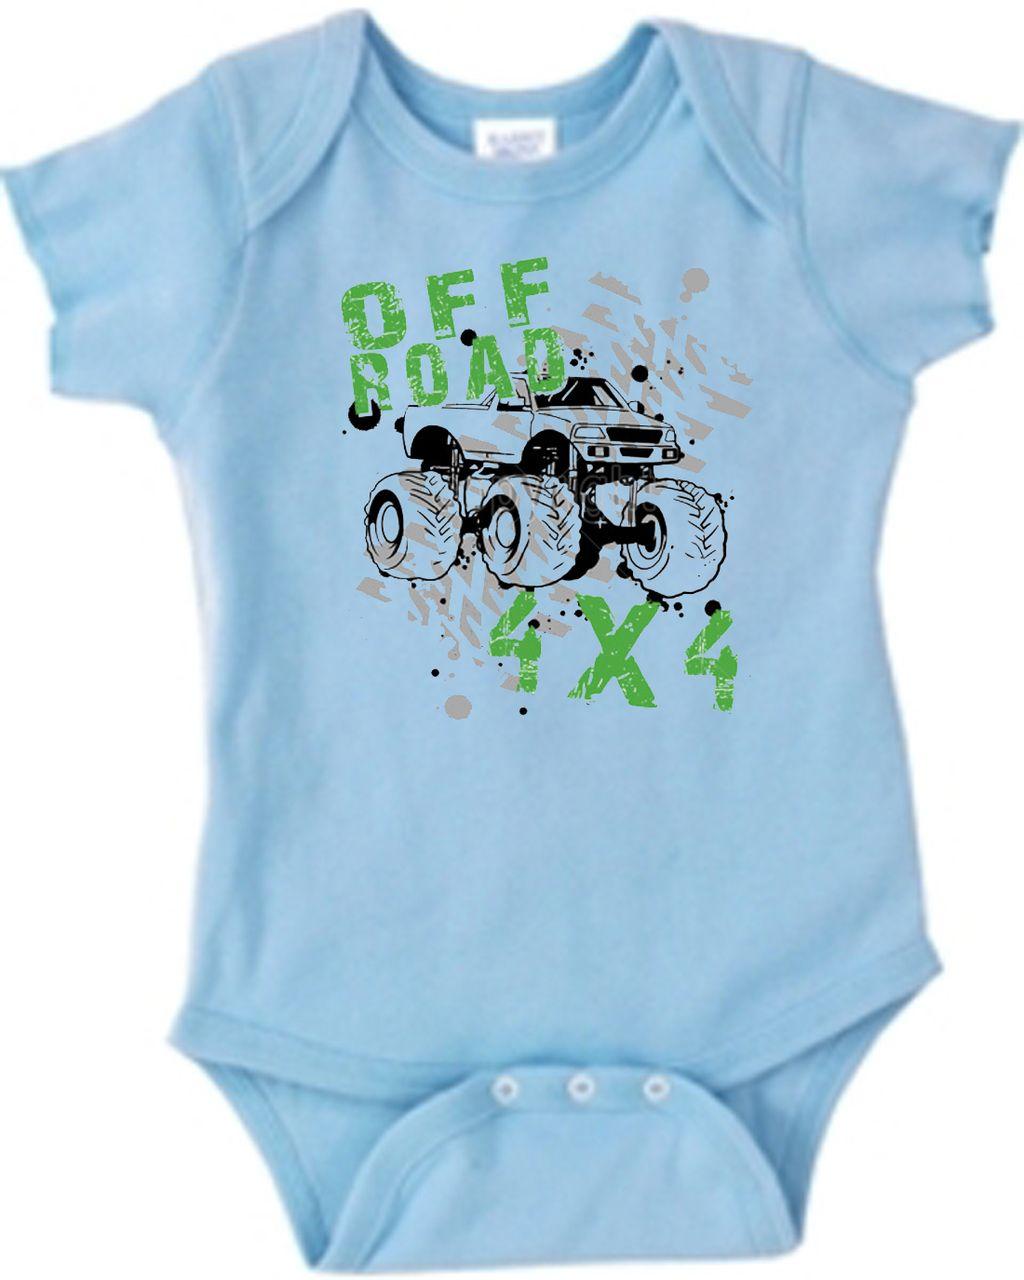 36383864e Monster Truck Off Road Baby Onesie For Boys | U.S. Custom Kids ...